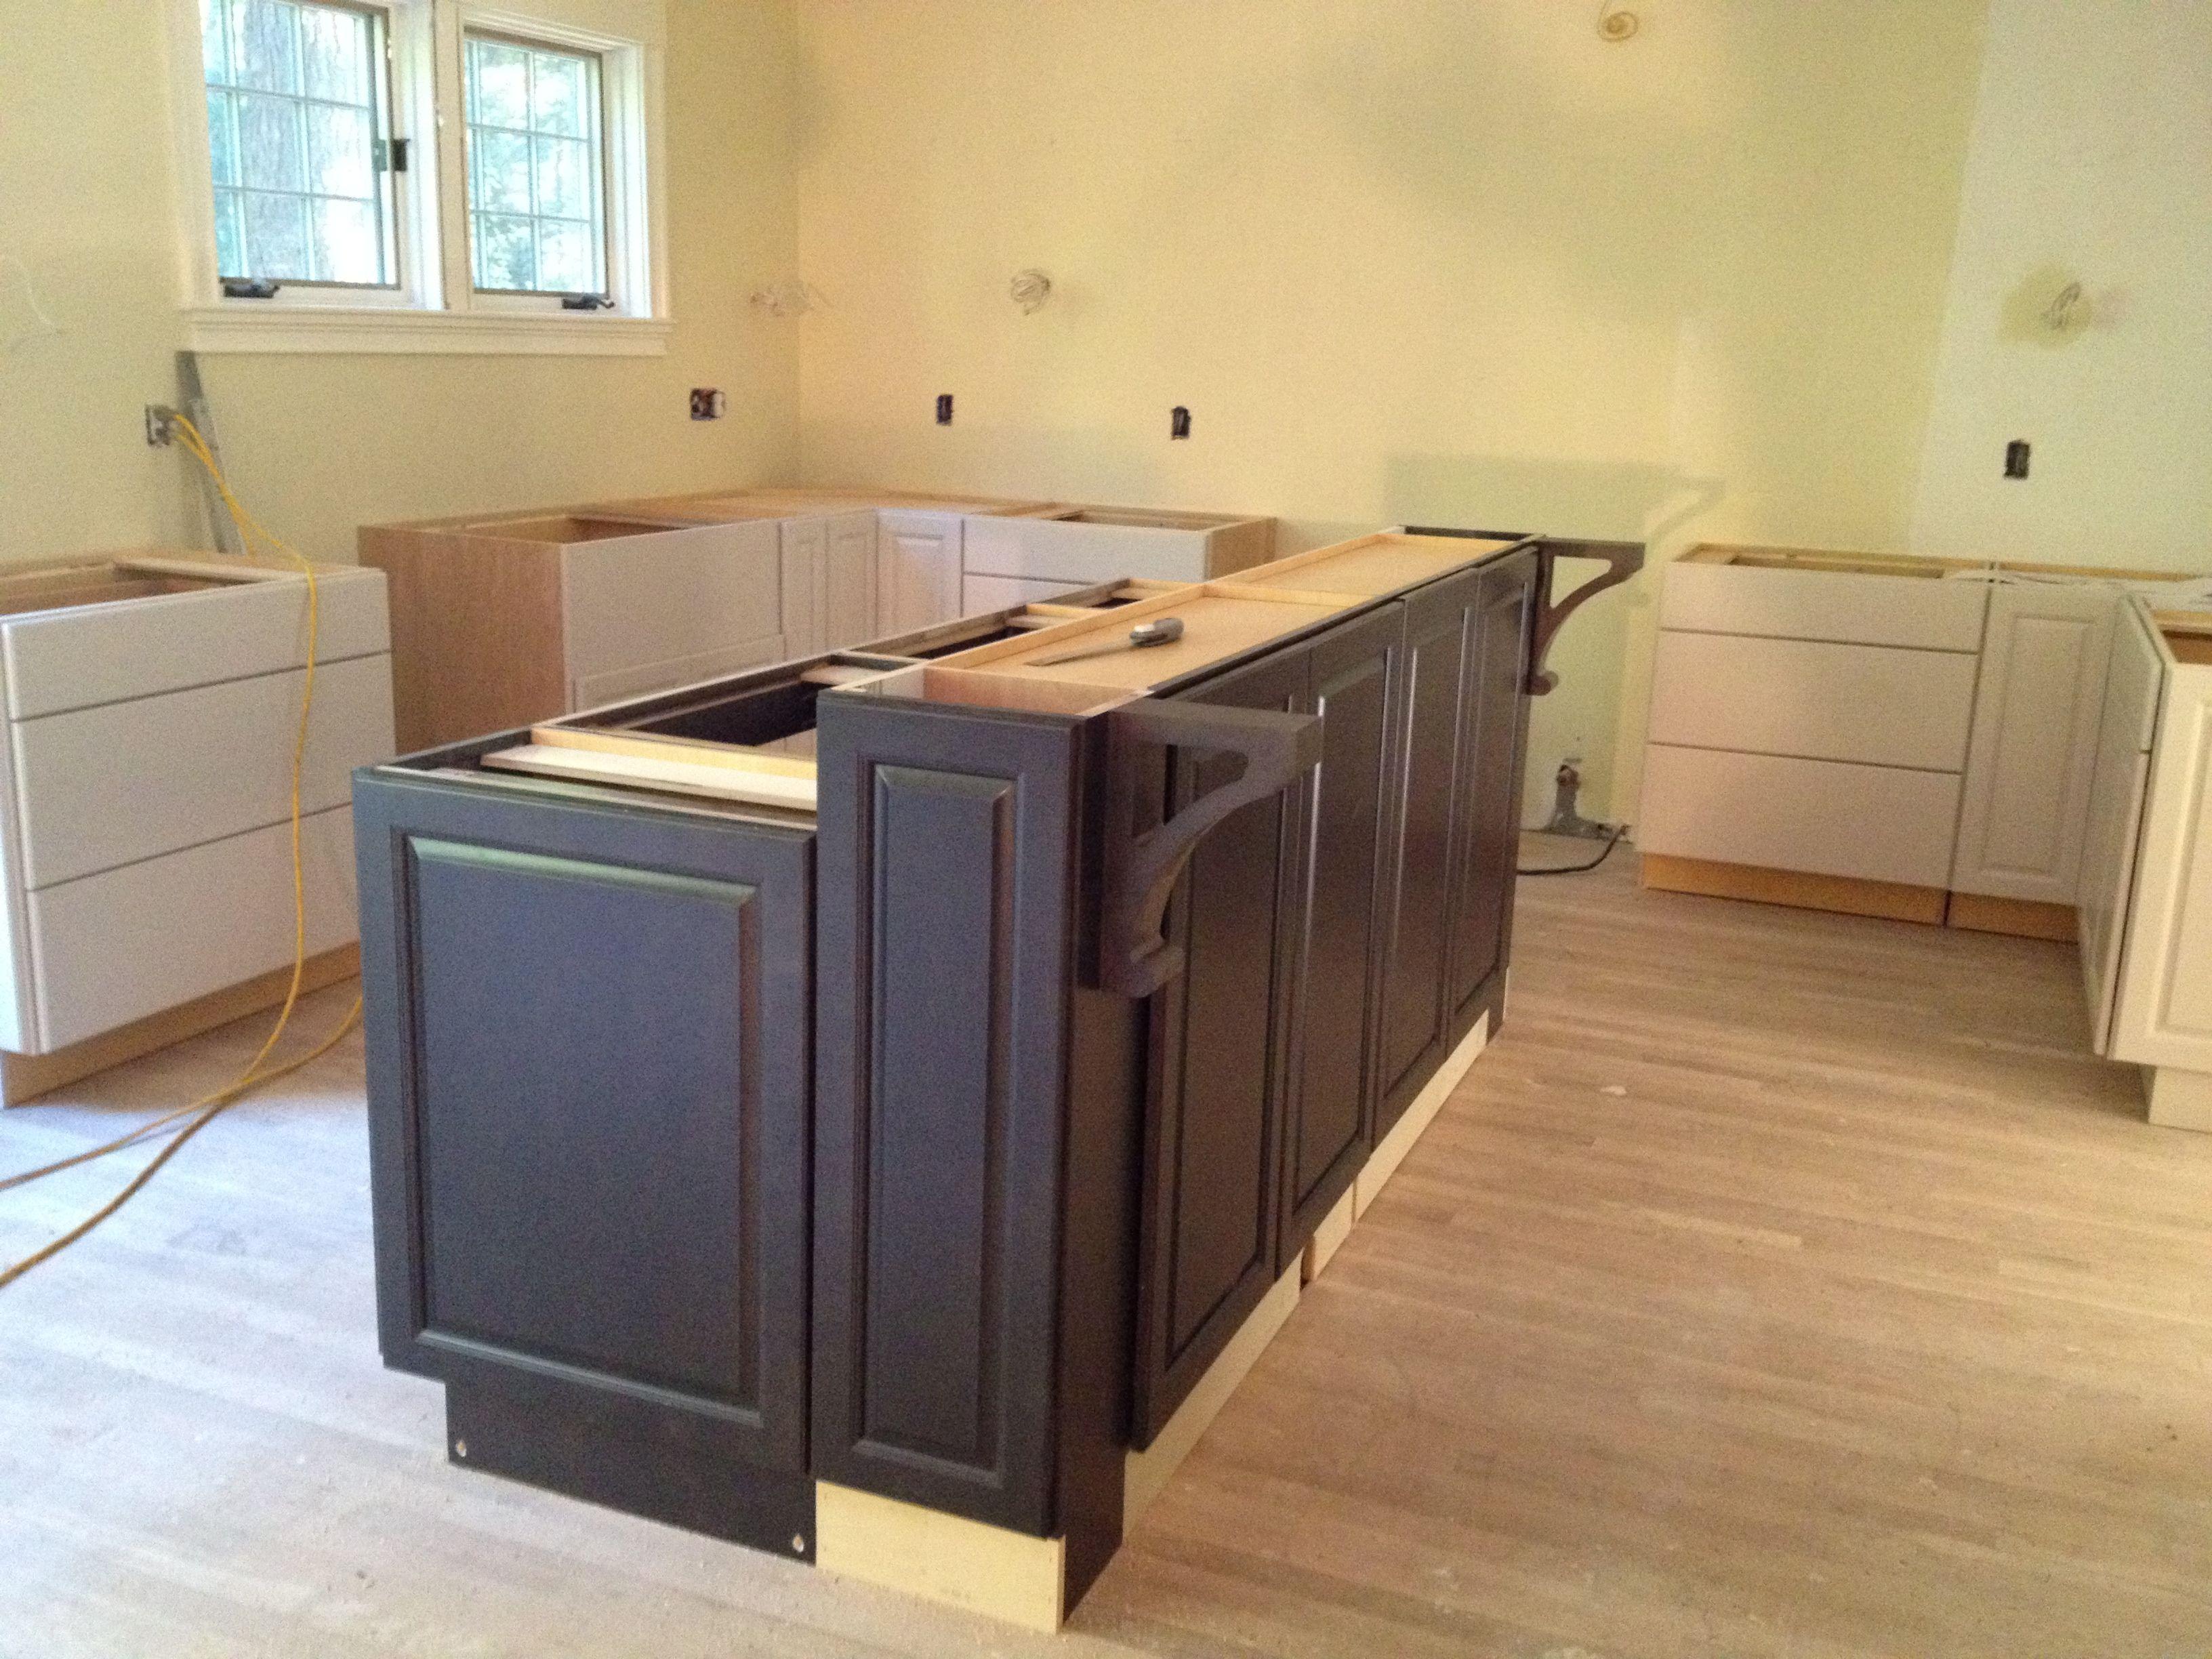 Best Kitchen Gallery: Kitchen Island Cabi S Online Hot S Wood Bar Height  Kitchen Of